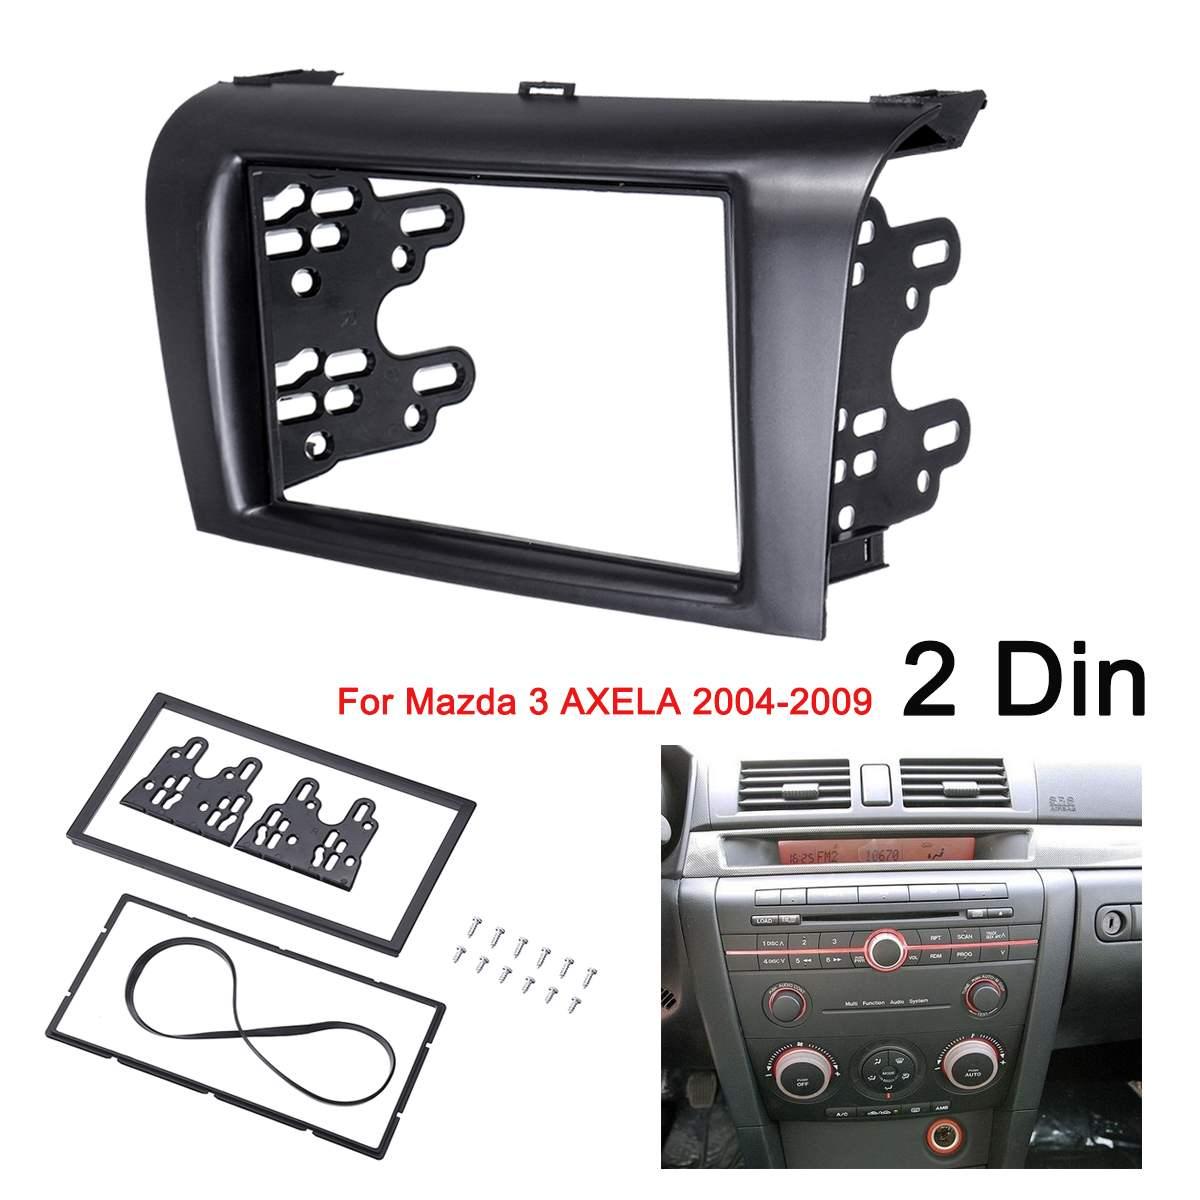 2DIN voiture stéréo Radio DVD Fascia Fascias tableau de bord plaque kit d'outils pour habillage cadre couverture pour Mazda 3 AXELA 2004 2005 2006 2007 2008 2009